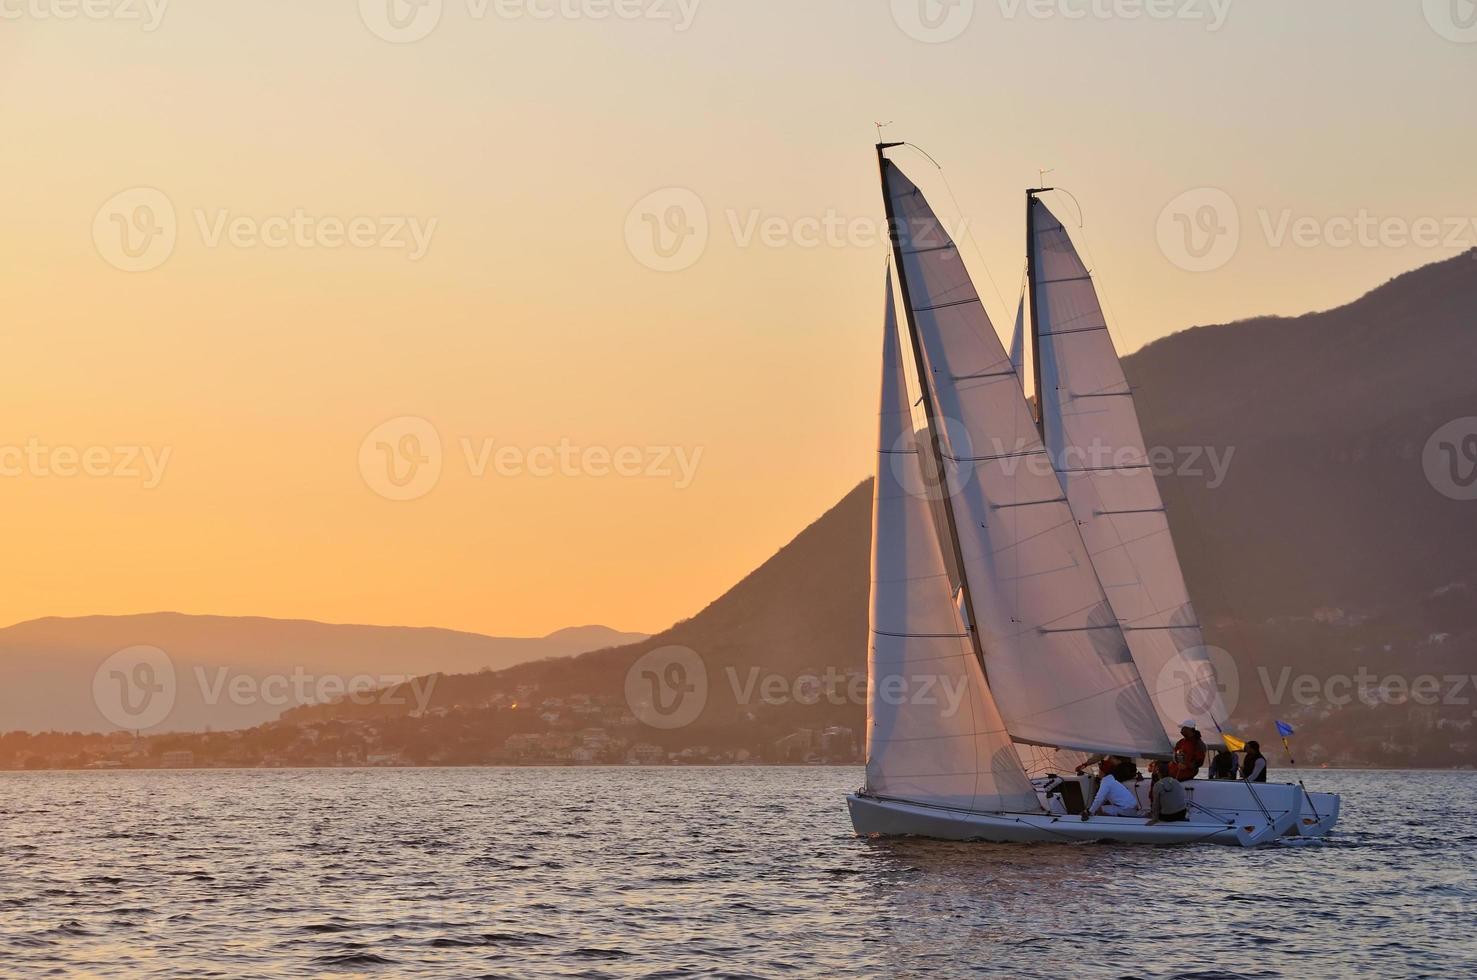 Race on sunset photo